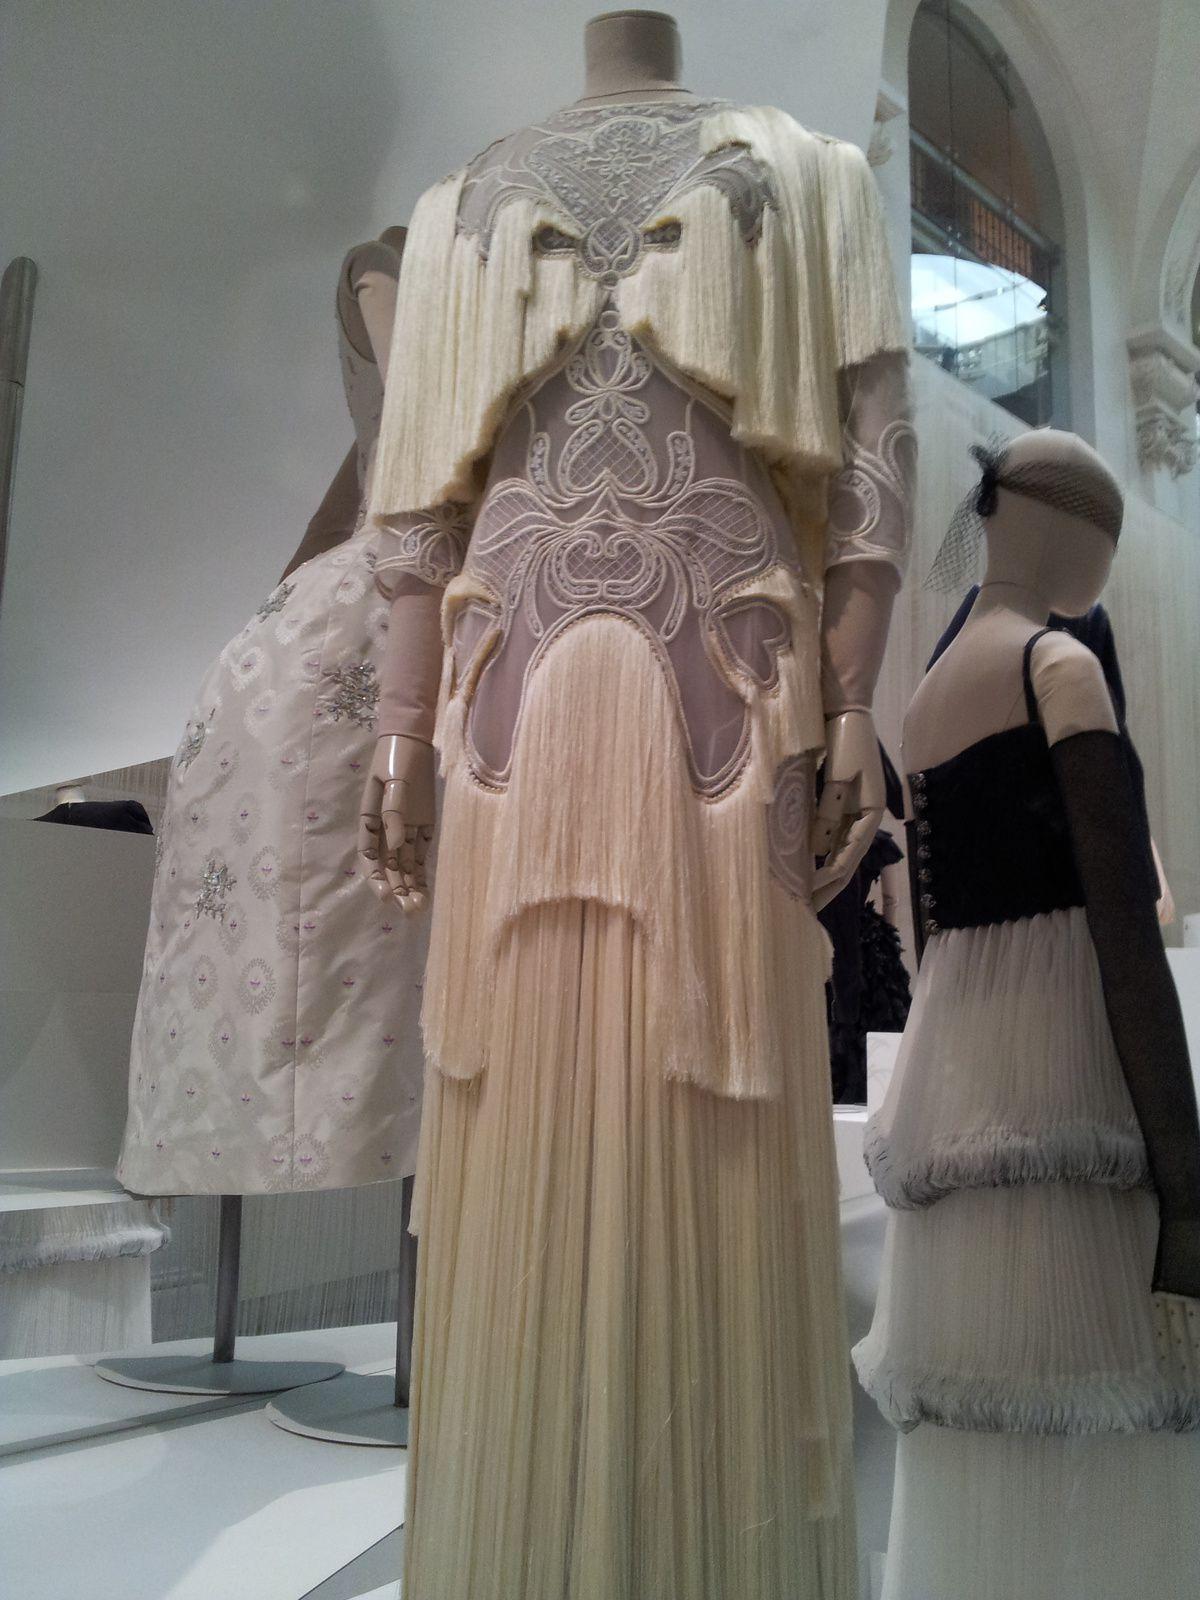 Fashion Fashion Forward, 3 siècles de mode. Musée des Arts décoratifs